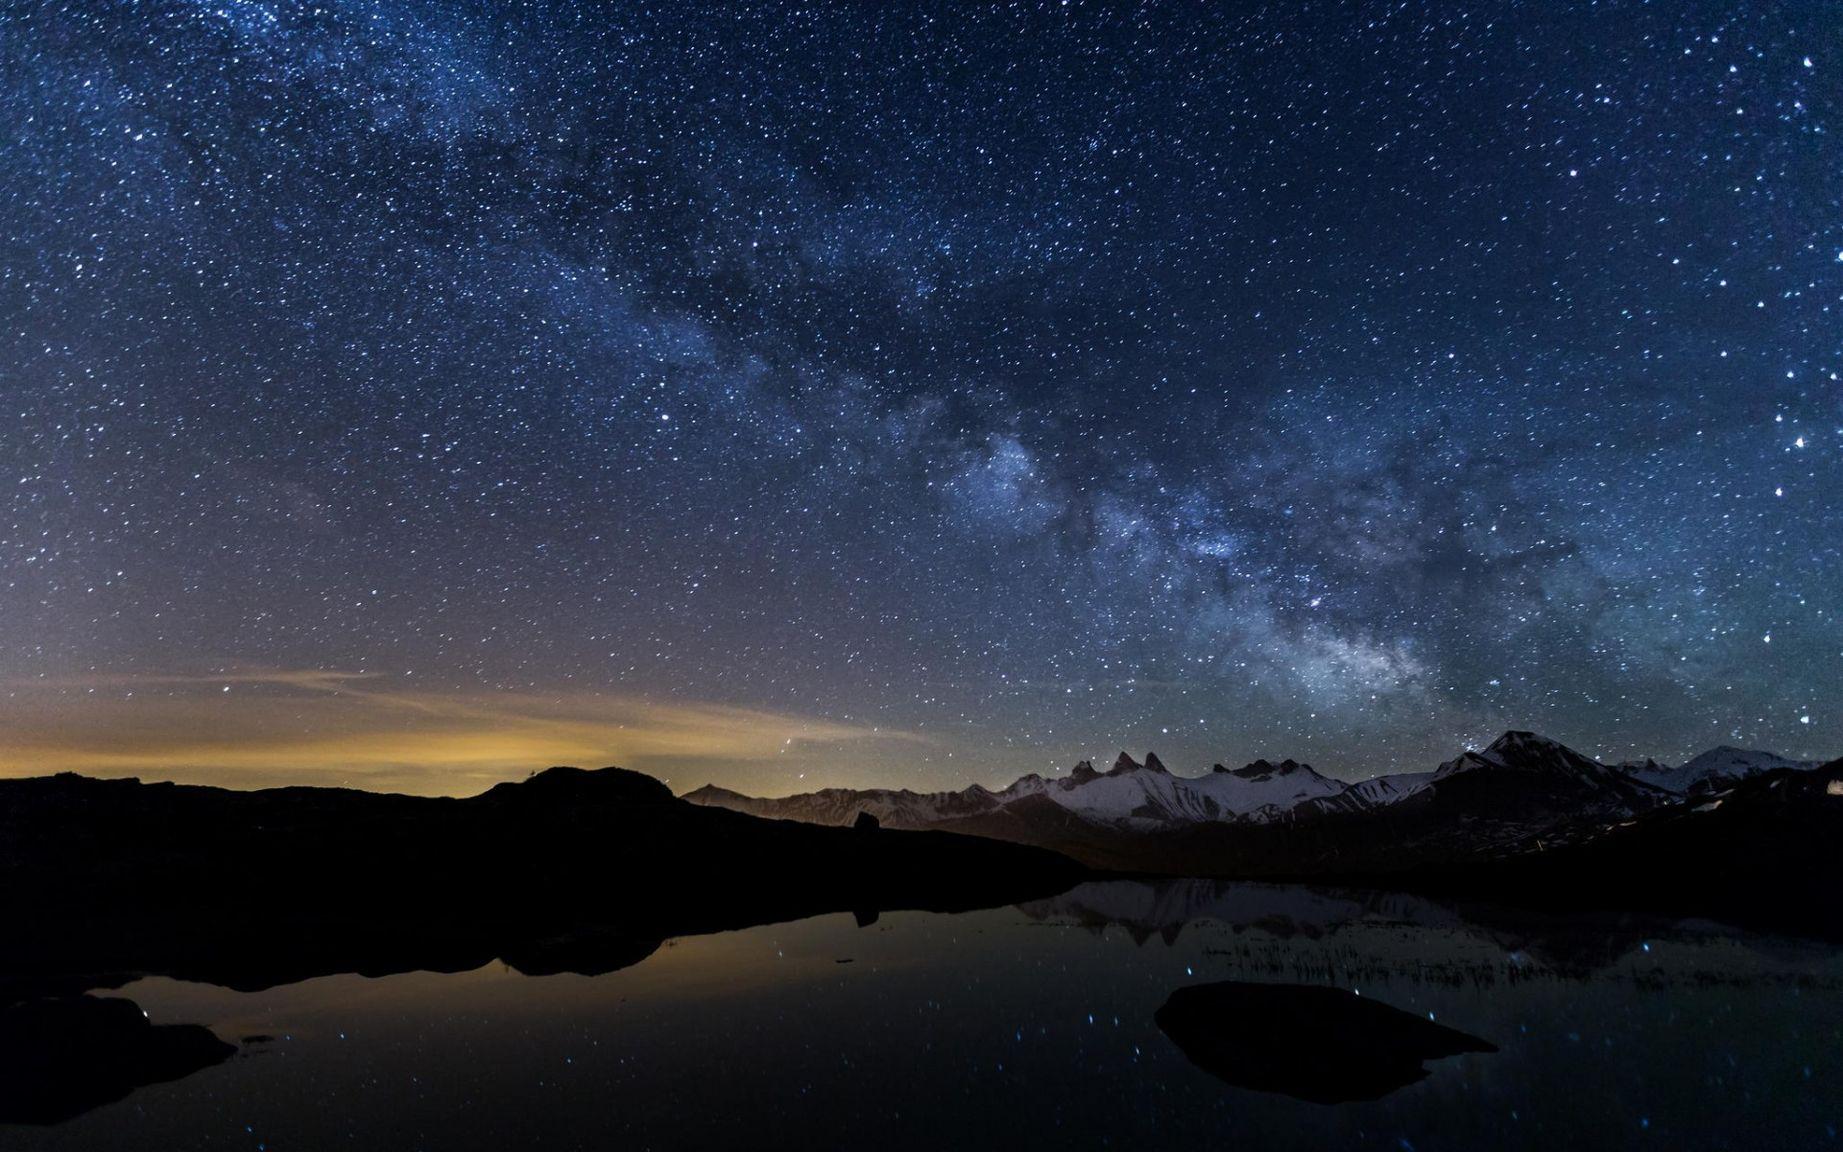 Картинки небо в звездах для рабочего стола